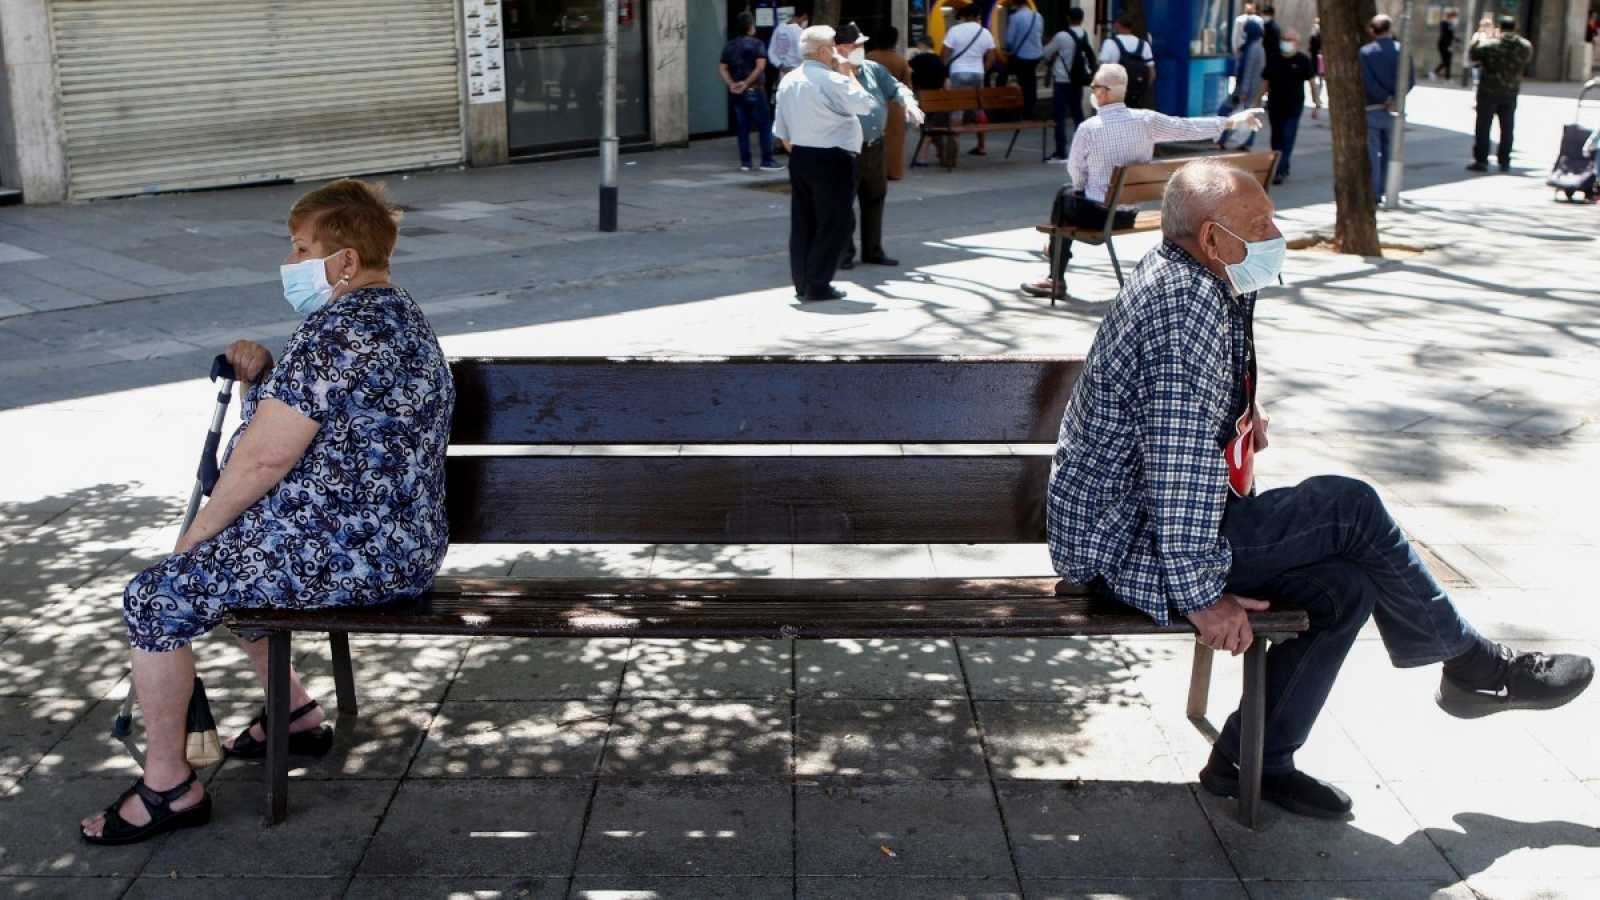 Dos ciudadanos sentados en un banco en Santa Coloma de Gramanet, Barcelona